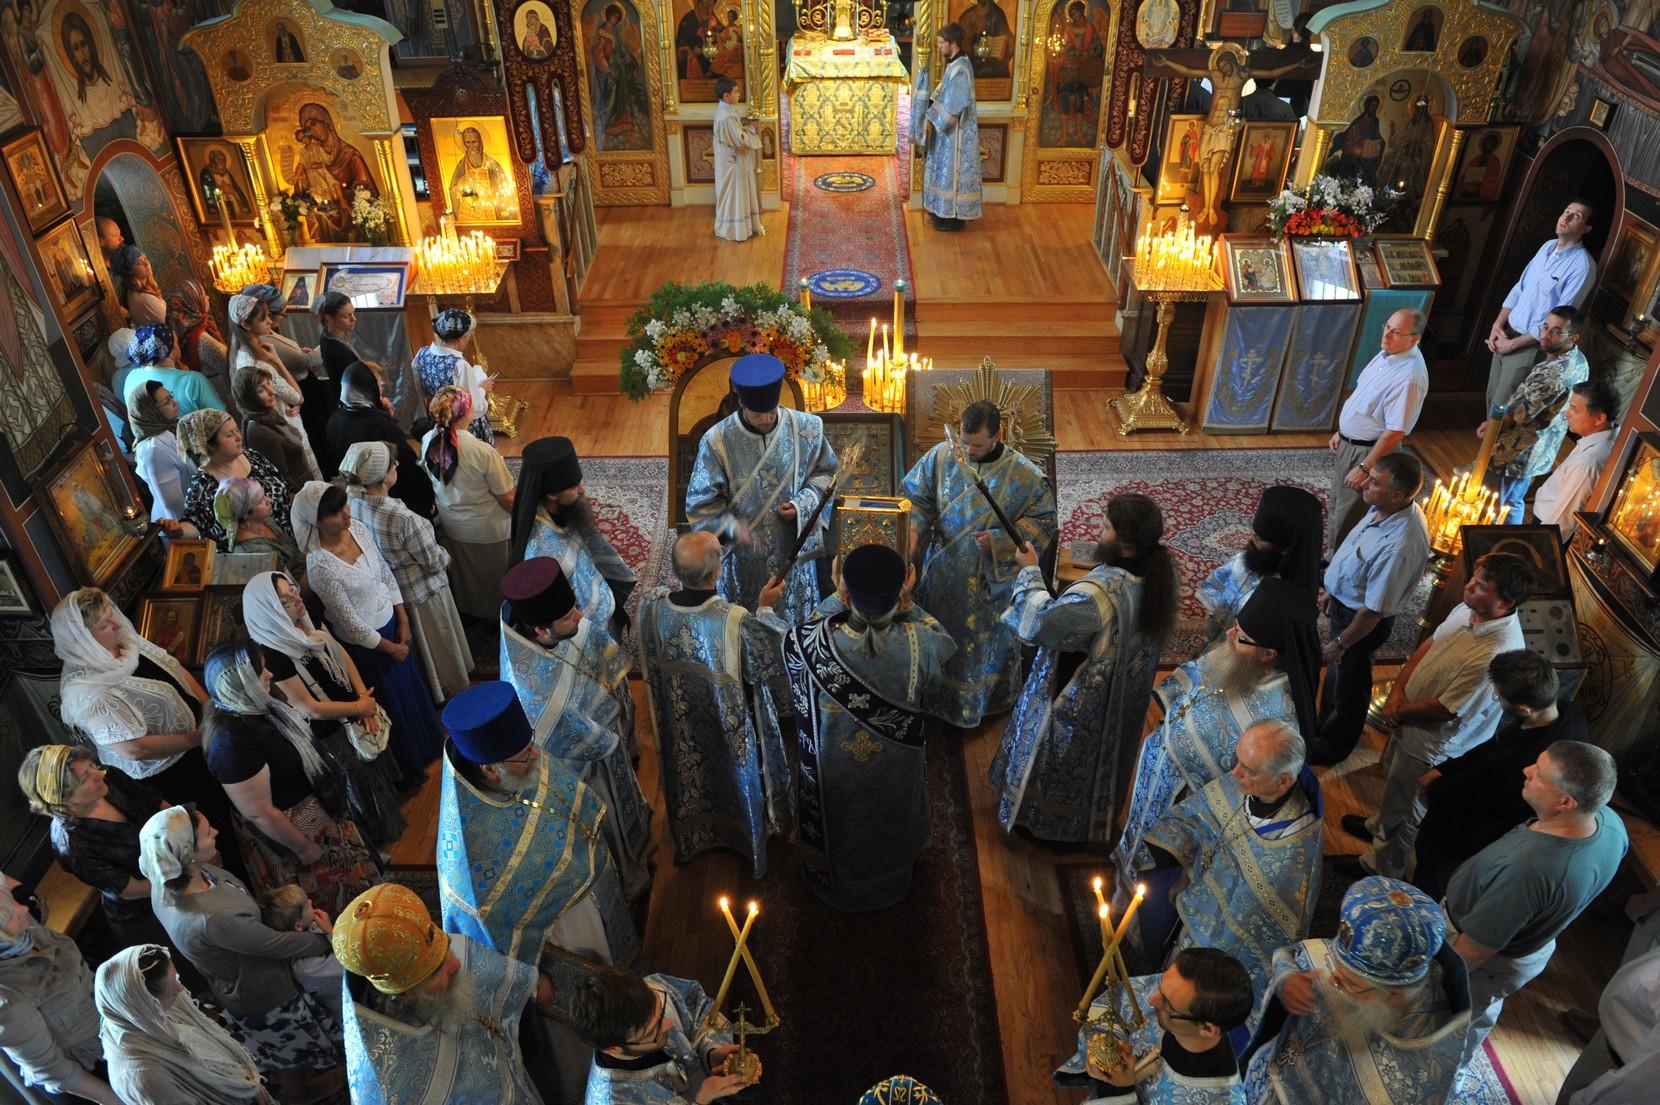 Apareció una fuente con Agua Sanadora: Madre de Dios de Pochaev, Rusia (17 abr y 21 sep)